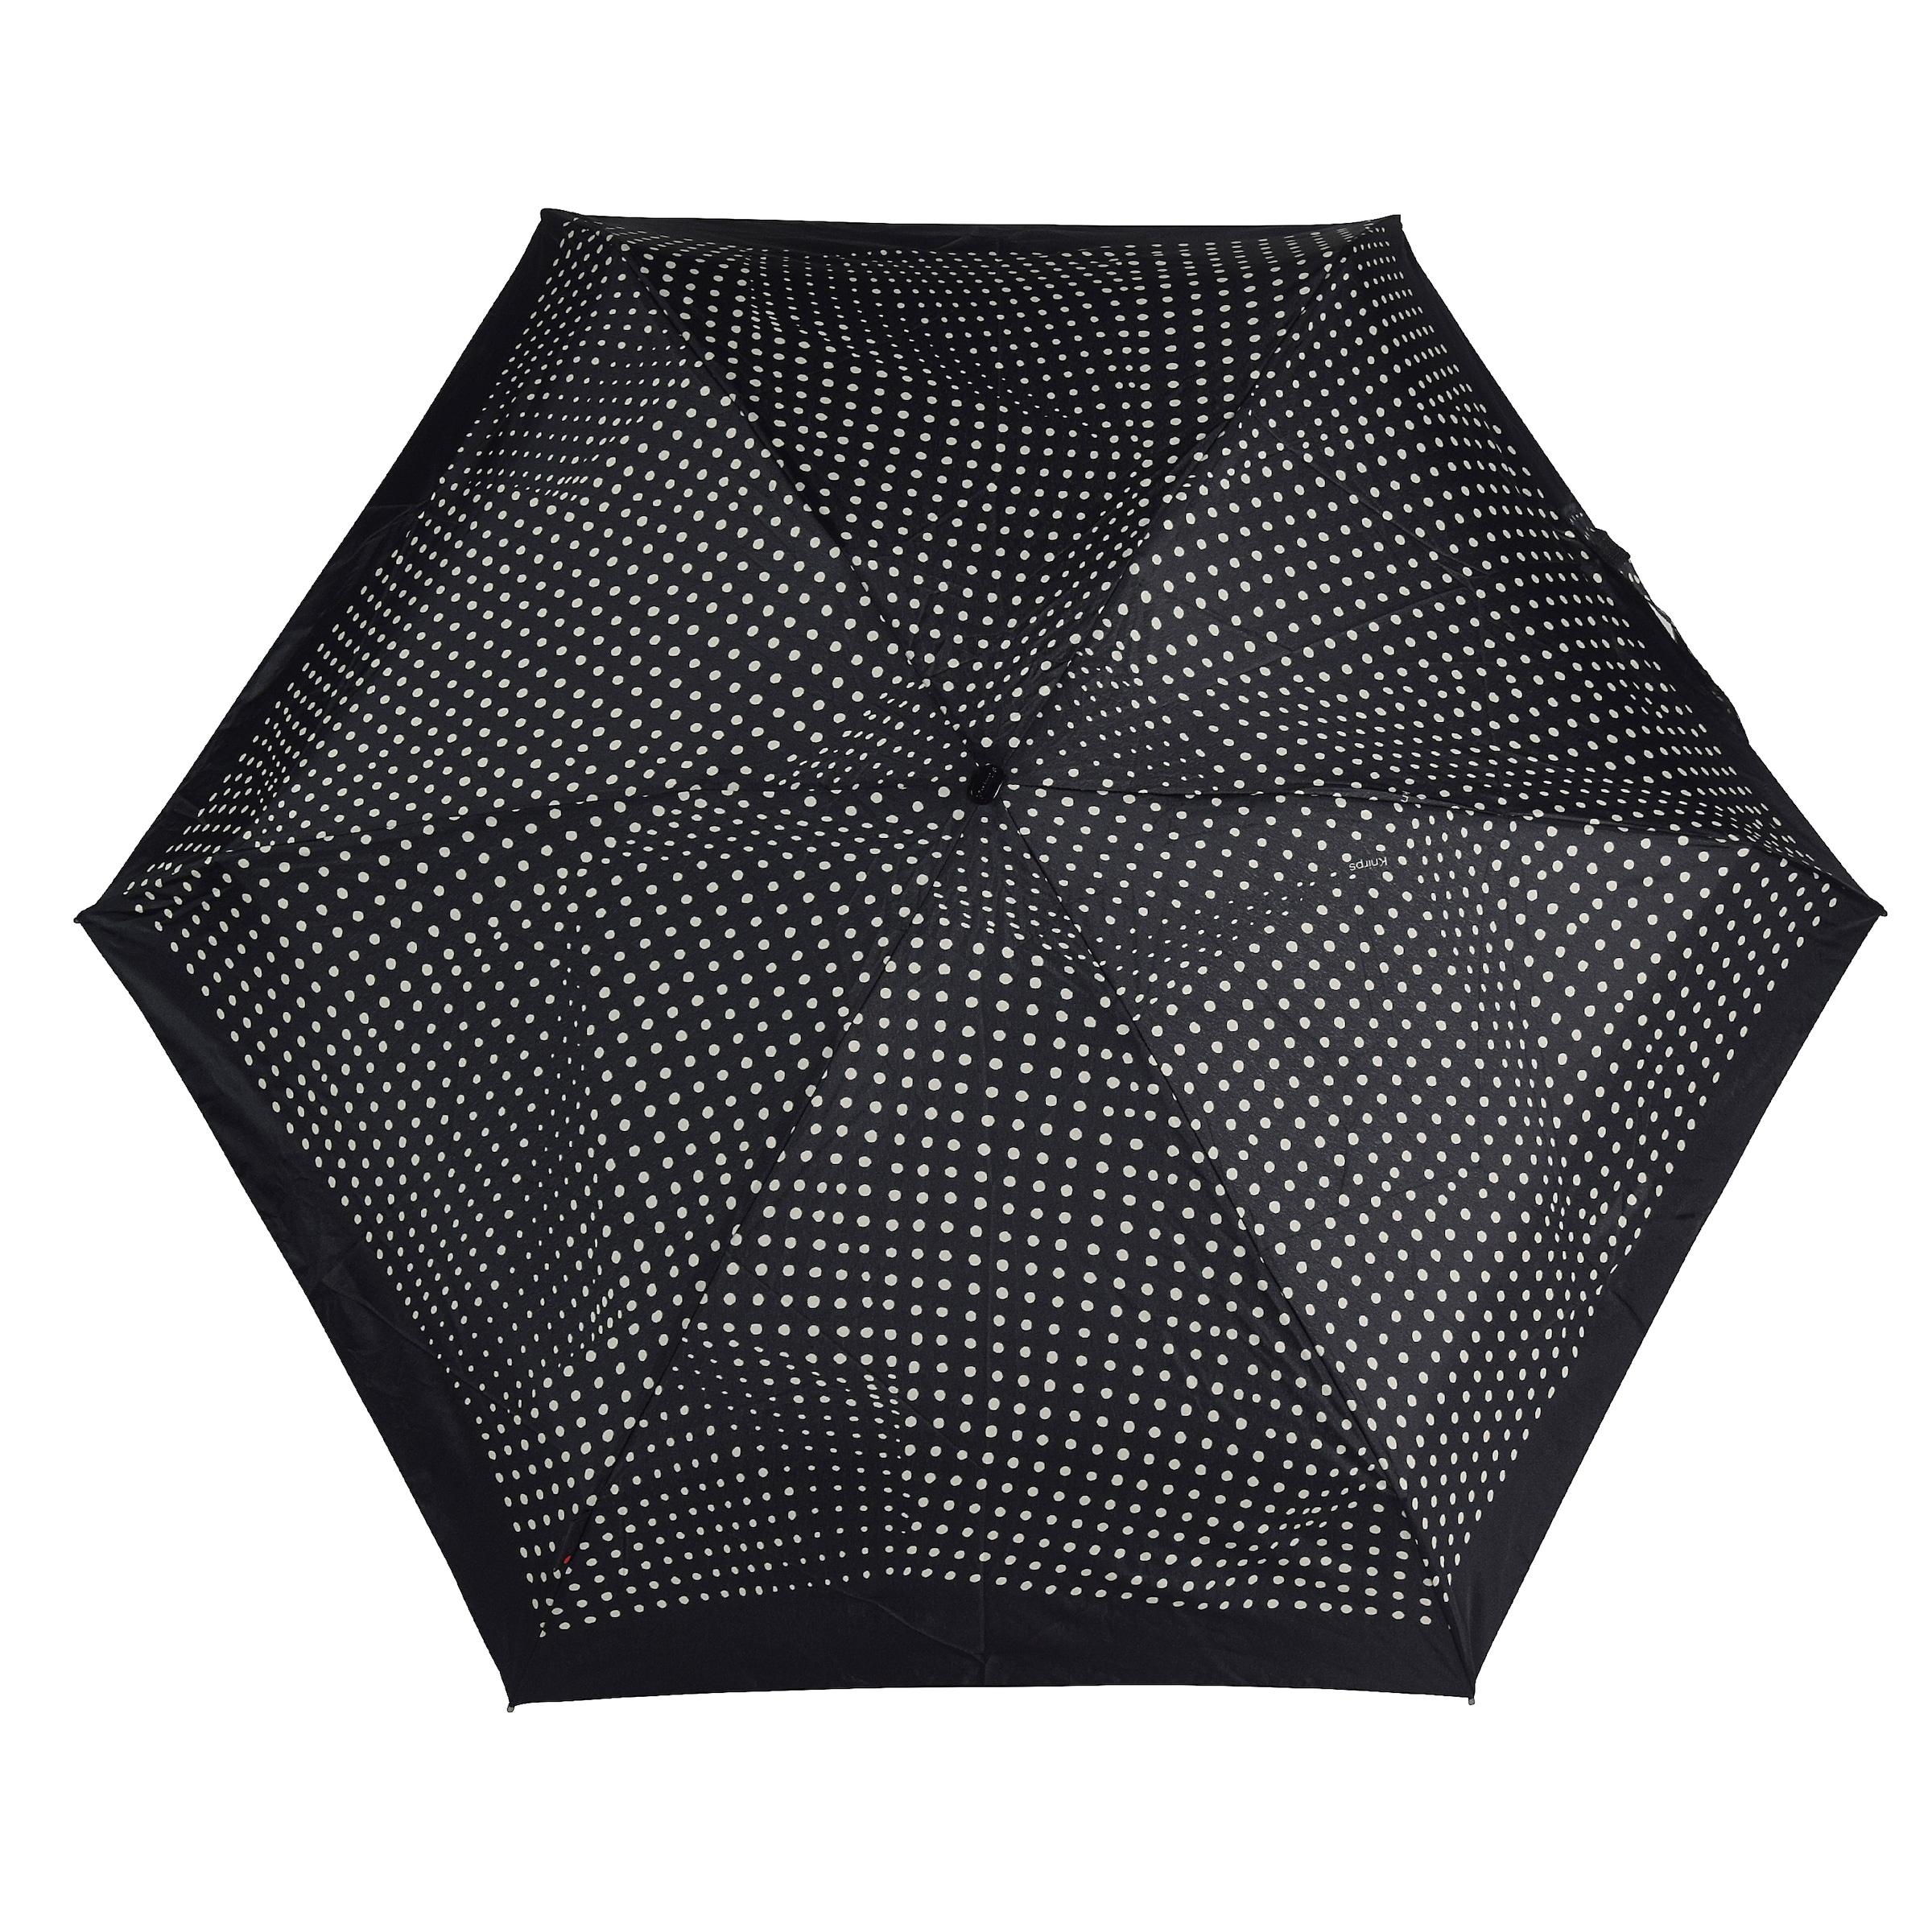 010 Manual' Knirps Parapluie Small En 'ts NoirBlanc qVpMGSUz